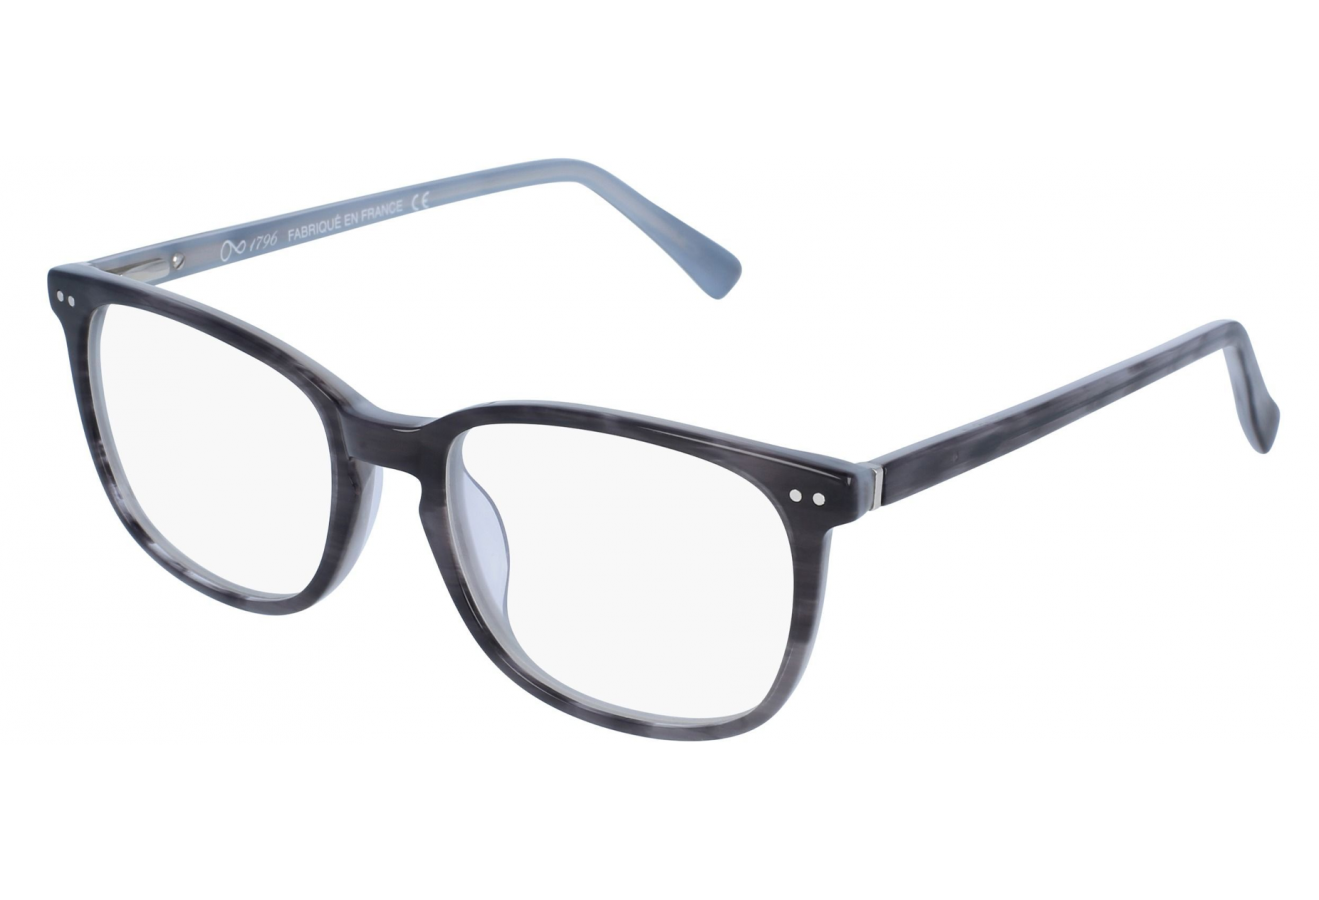 lunettes de vue 1796 cbua 1712 gris 51 18. Black Bedroom Furniture Sets. Home Design Ideas